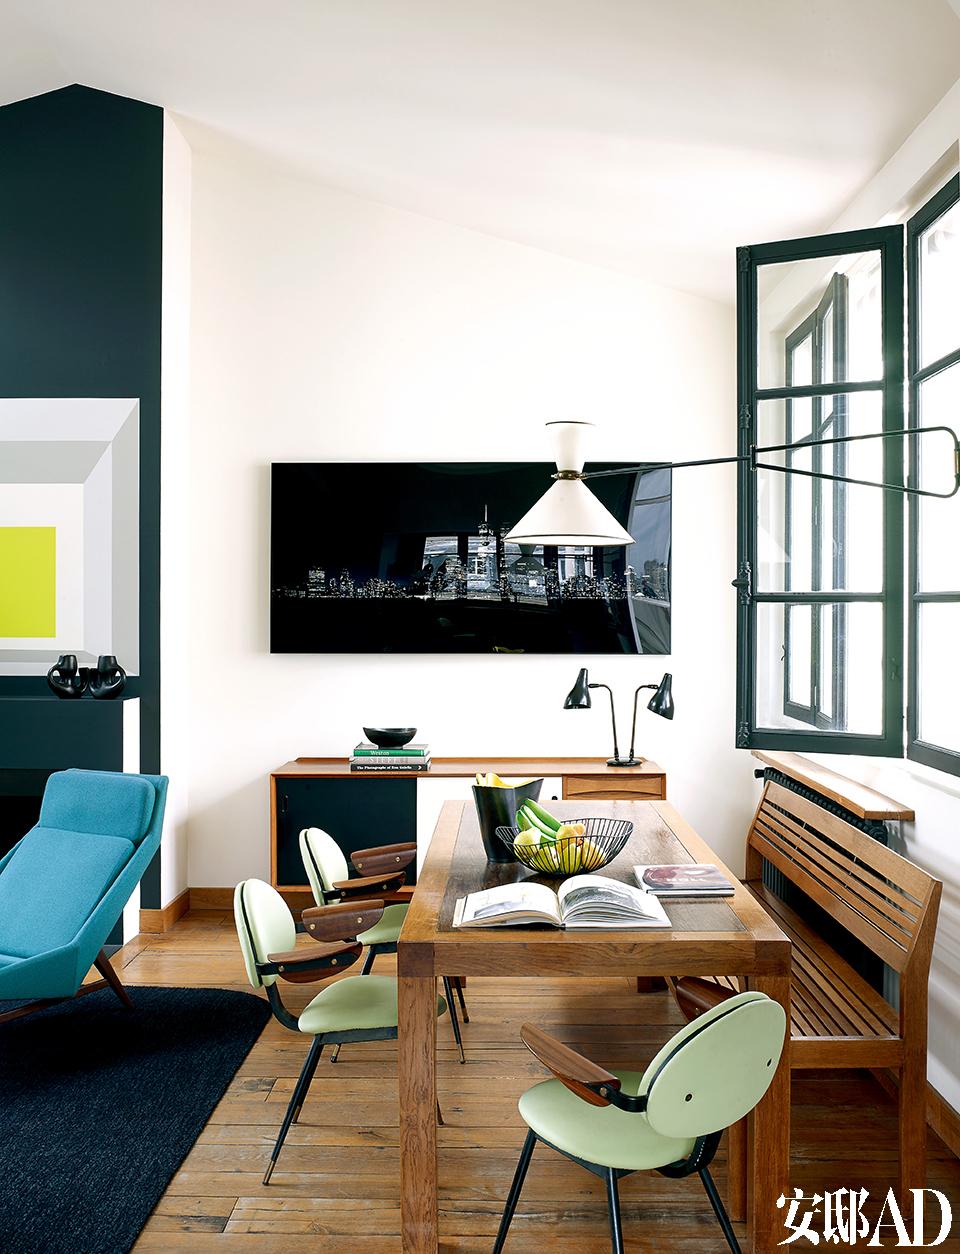 20世纪五六十年代的古董家具和空间里明亮的色彩完美互补,令家里色彩缤纷,又 不失稳重。客厅壁炉一侧便是餐厅,Florence Lopez设计了橡木餐桌和长凳,绿色扶手椅由Carlo Mollino出品,壁灯是20世纪50年代的作品,出自法国建筑师兼设计师Pierre Guariche之手。